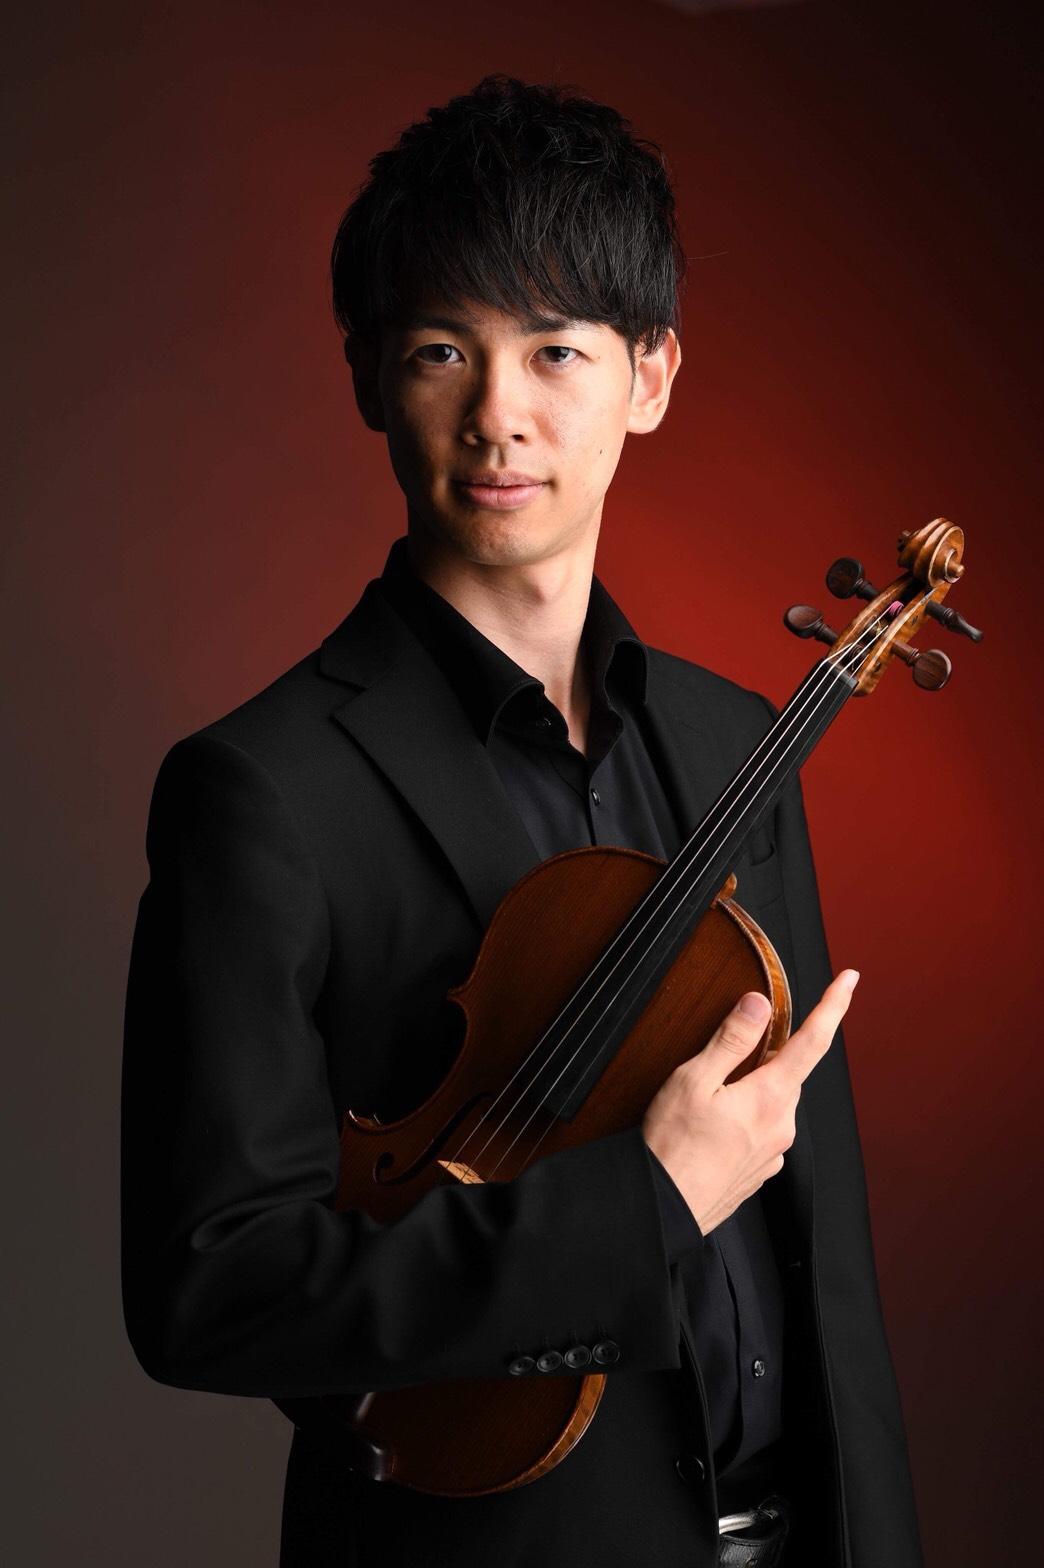 Einmal 対談 第9弾 ヴァイオリン・コンマス伊藤健汰「常に感謝を忘れずに演奏したい」